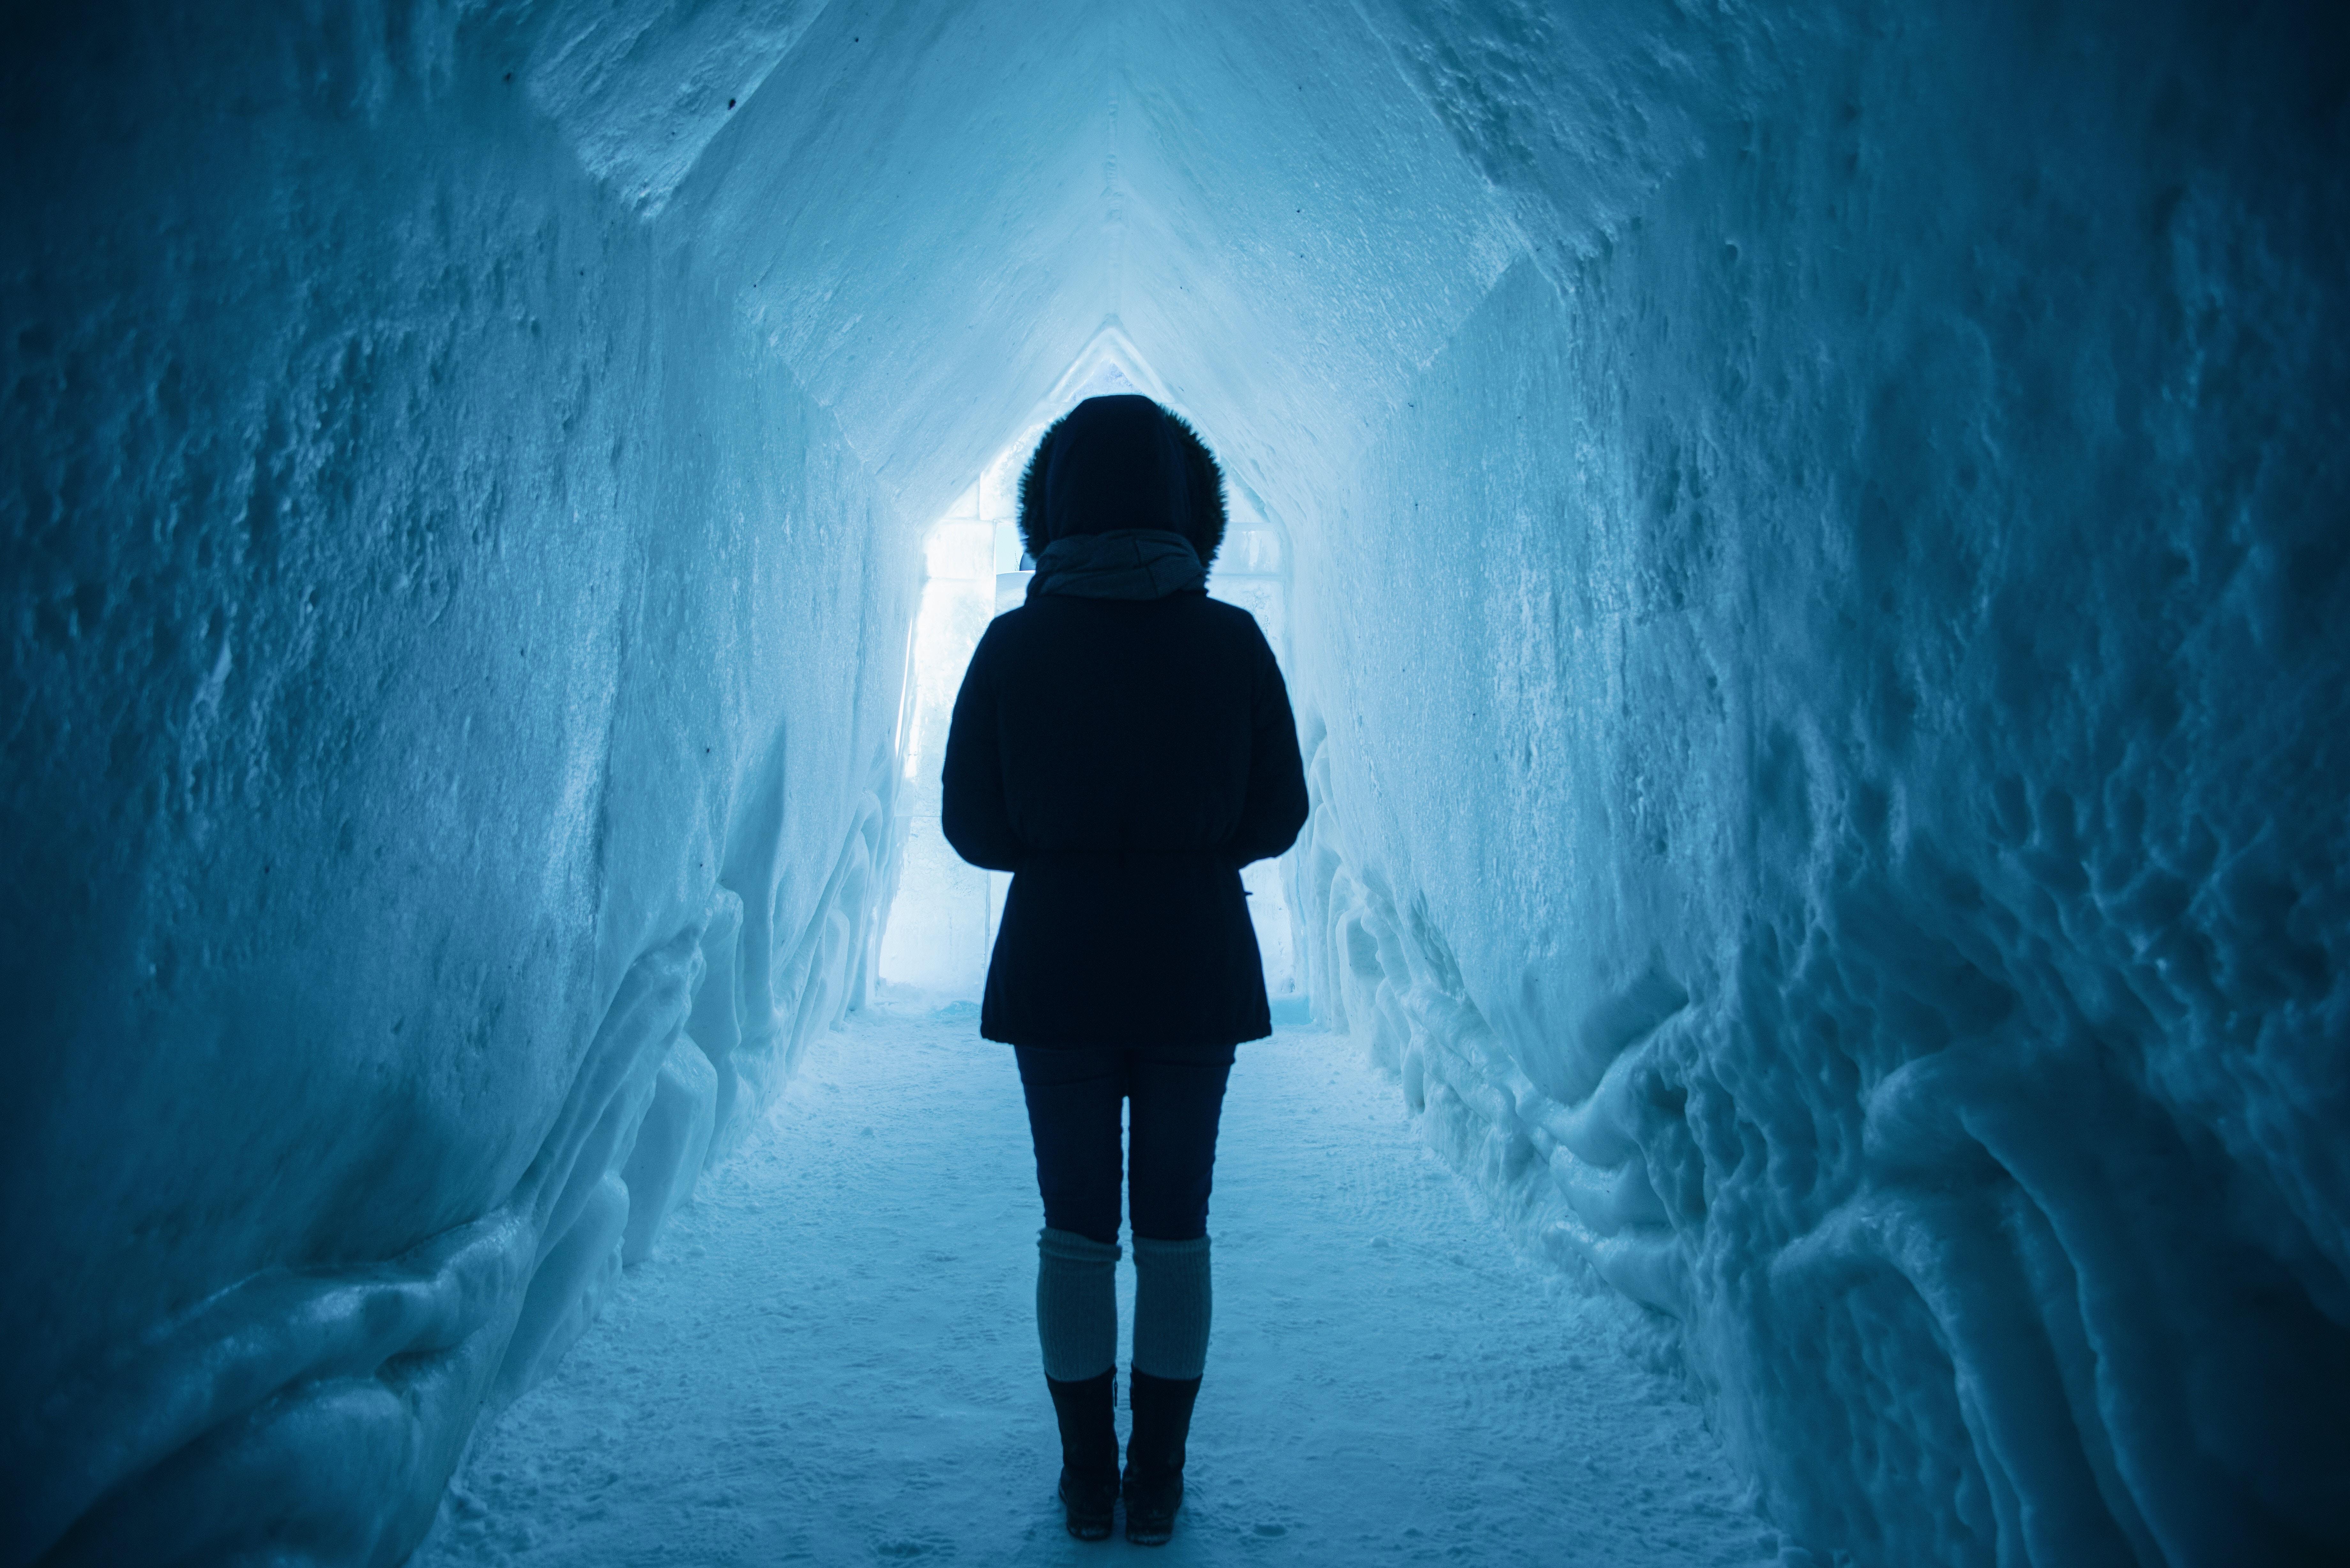 mulher no gelo precisando de força